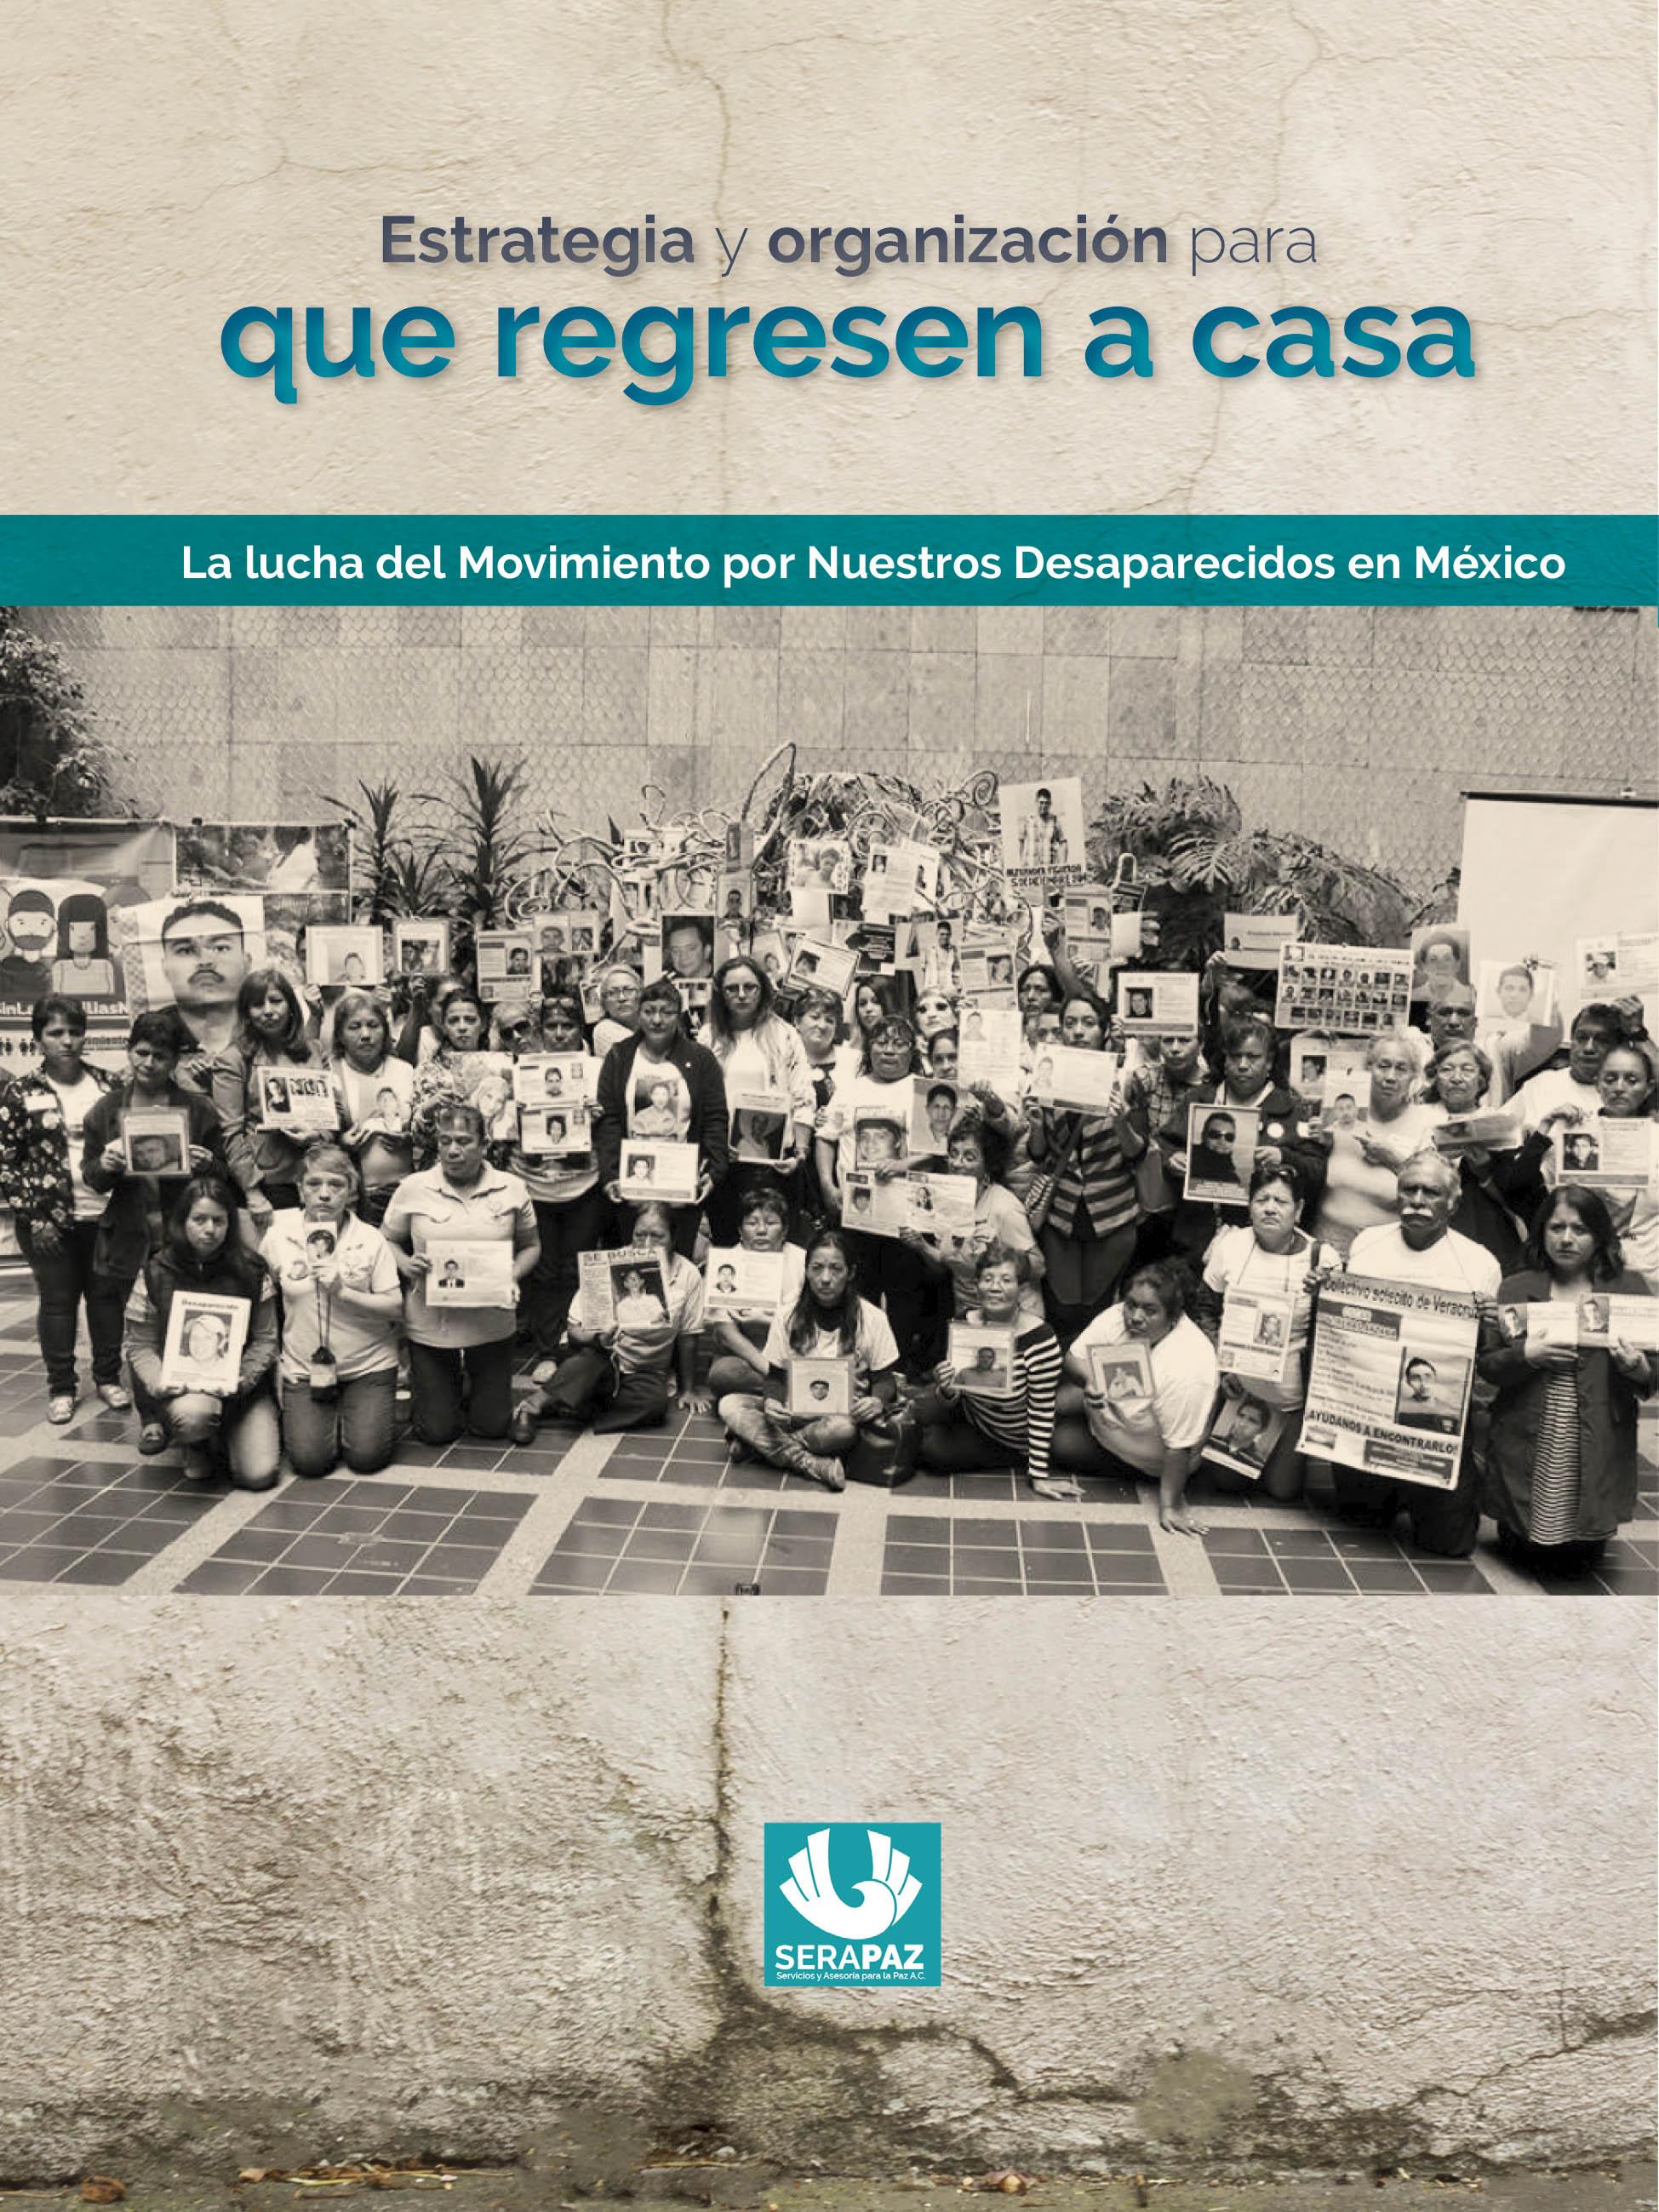 """Informe"""" Estrategia y organización para que regresen a casa. La lucha del Movimiento por Nuestros Desaparecidos en México"""